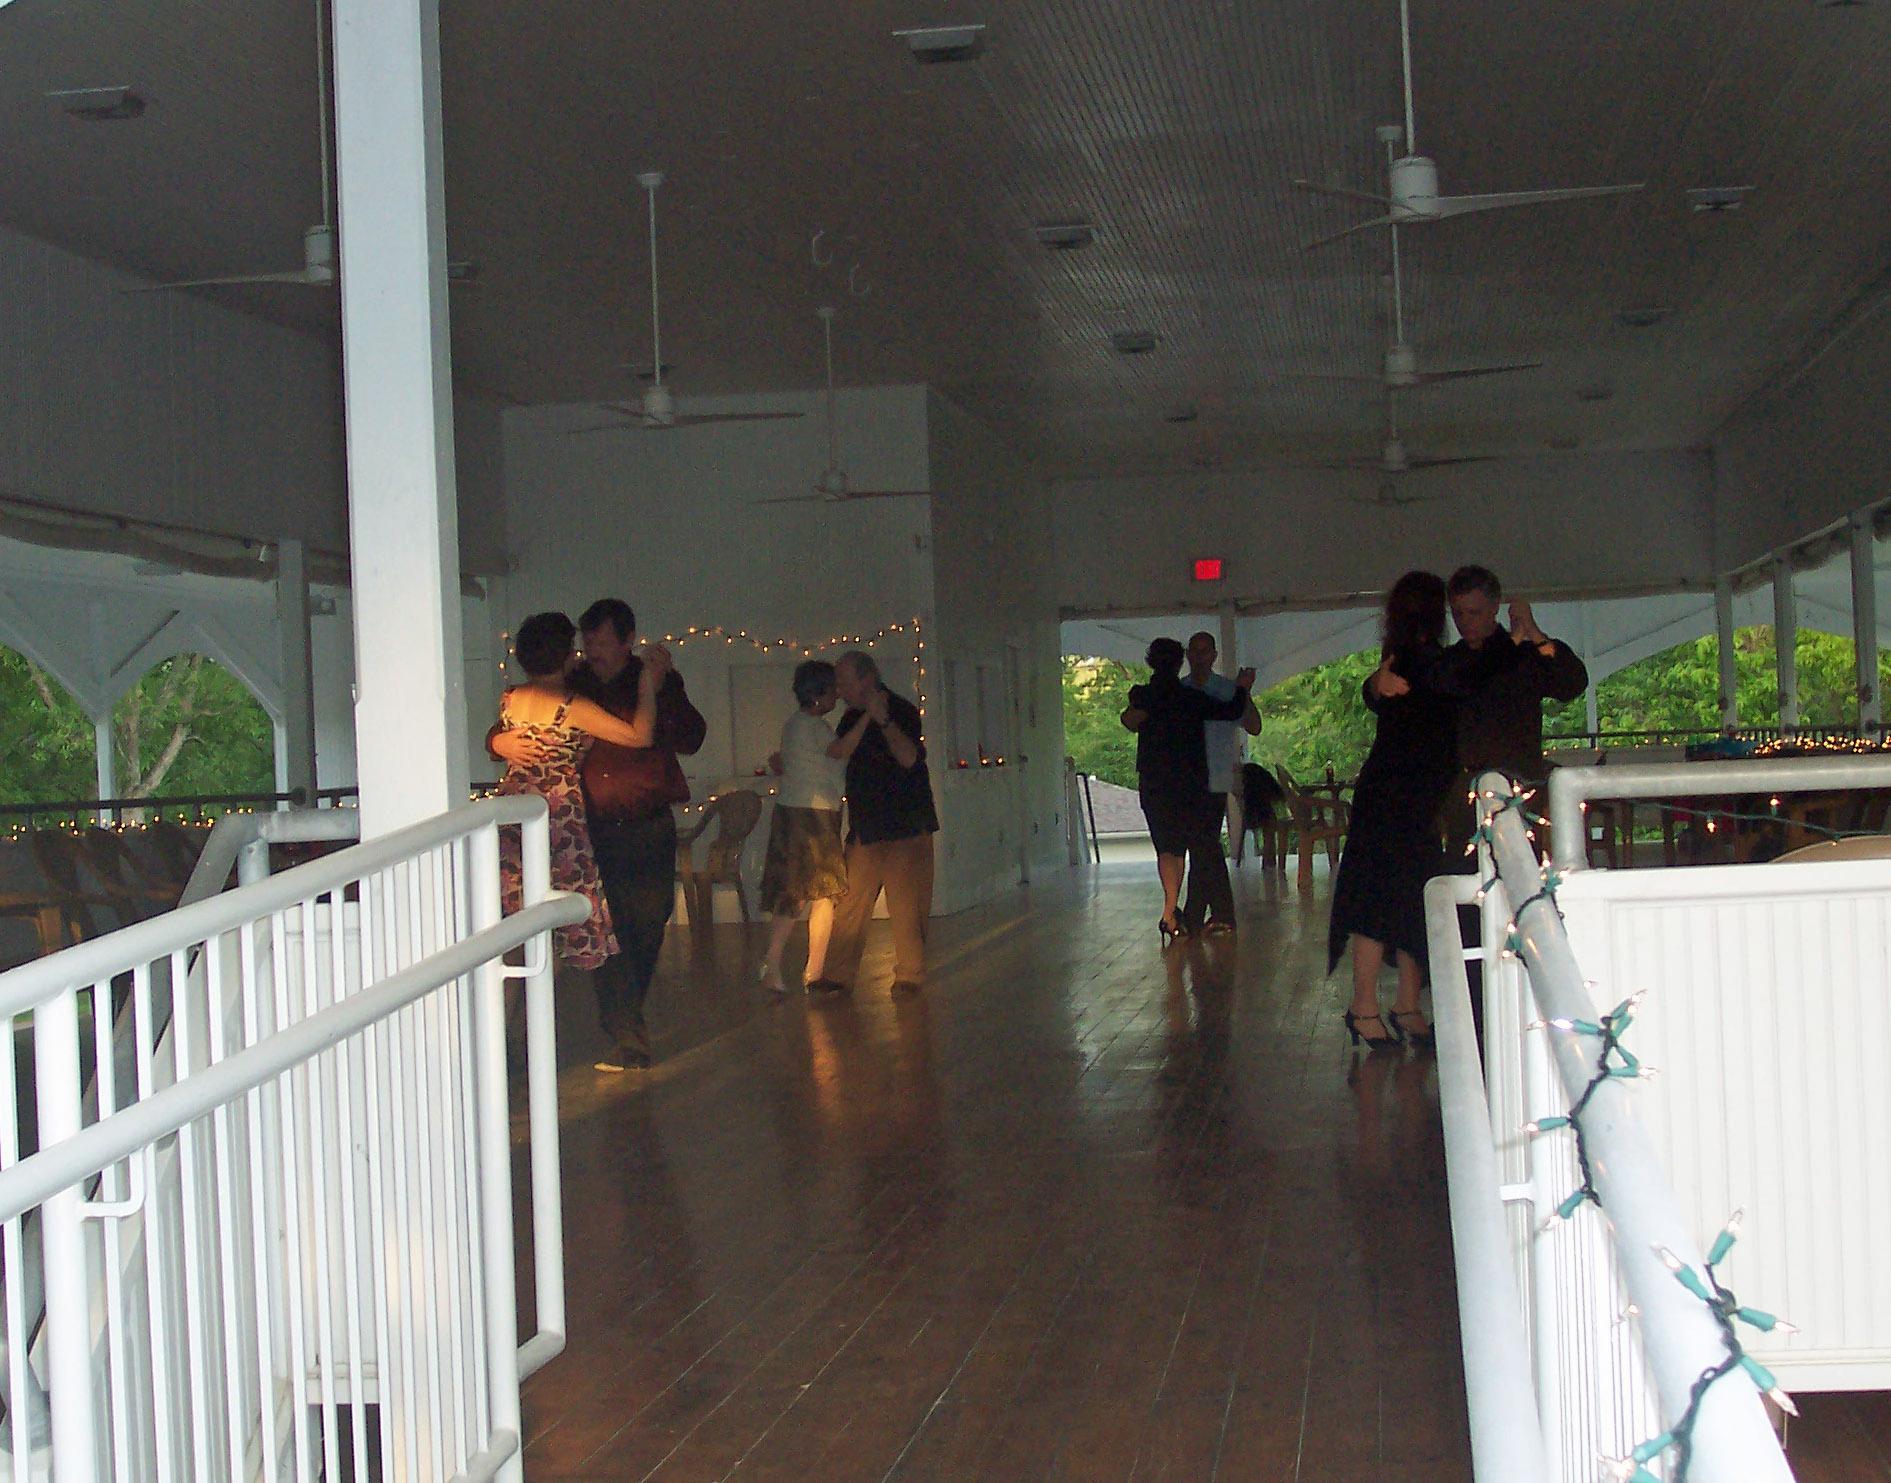 Victorian dancing pavilion